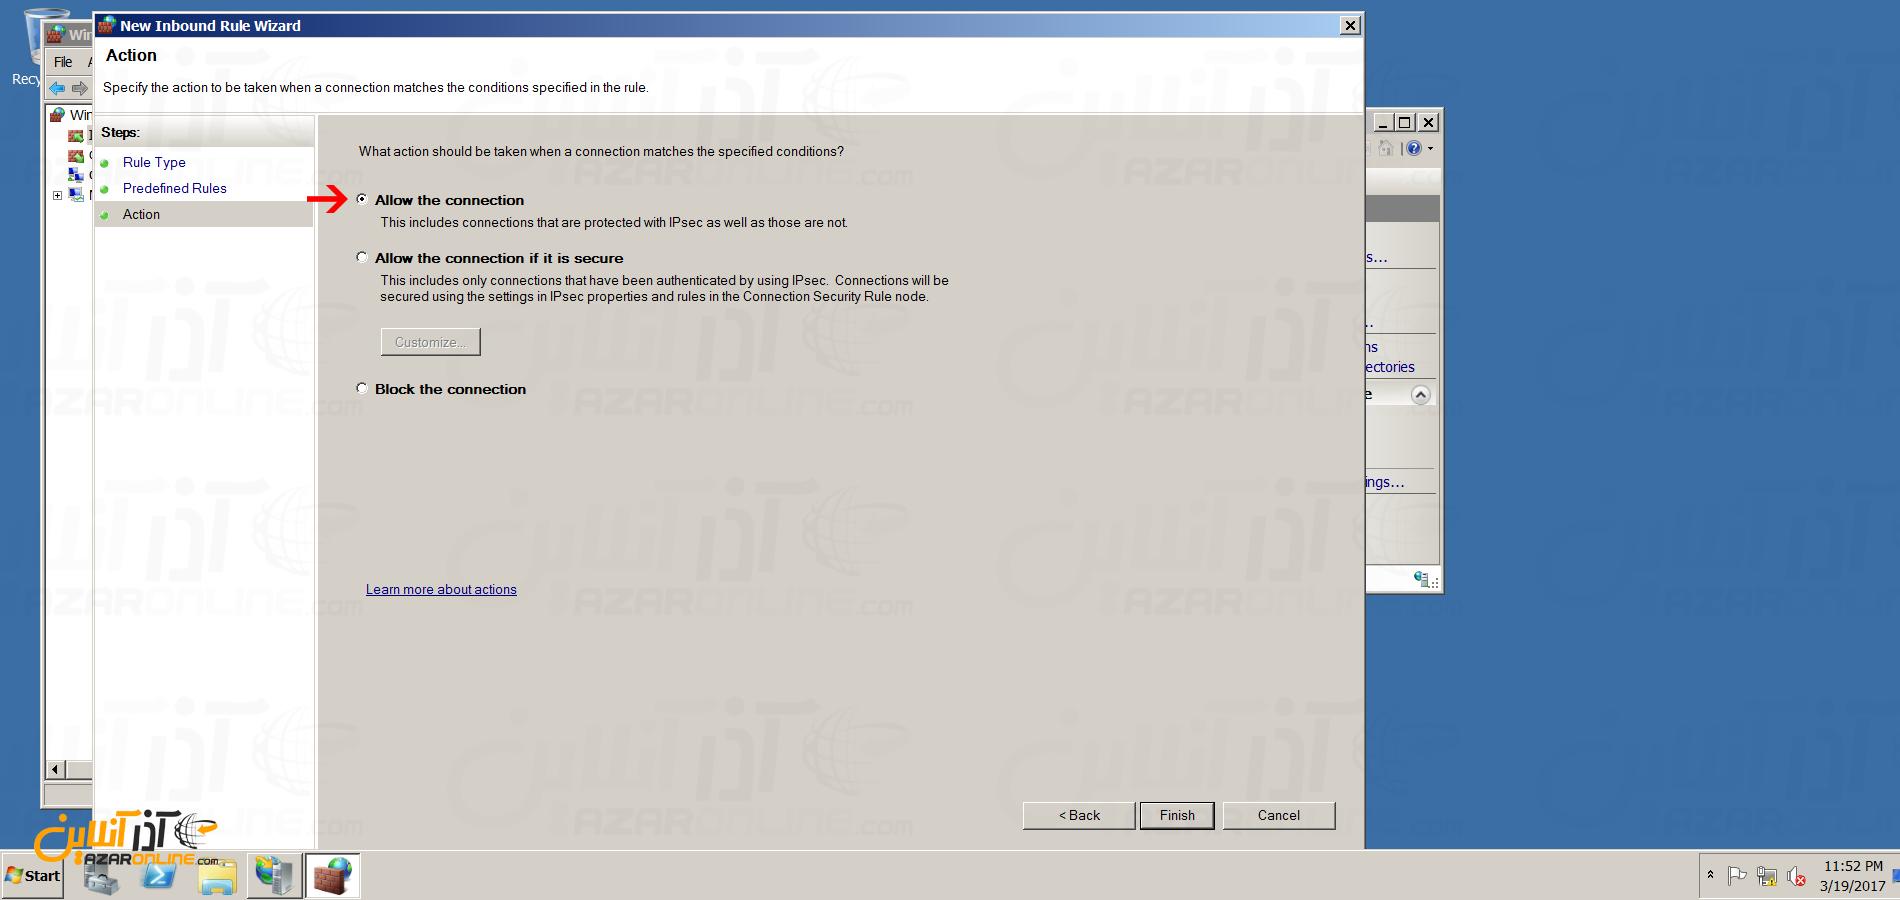 نصب FTP سرور در ویندوز سرور 2008 - تنظیم Action فایروال برای FTP سرور